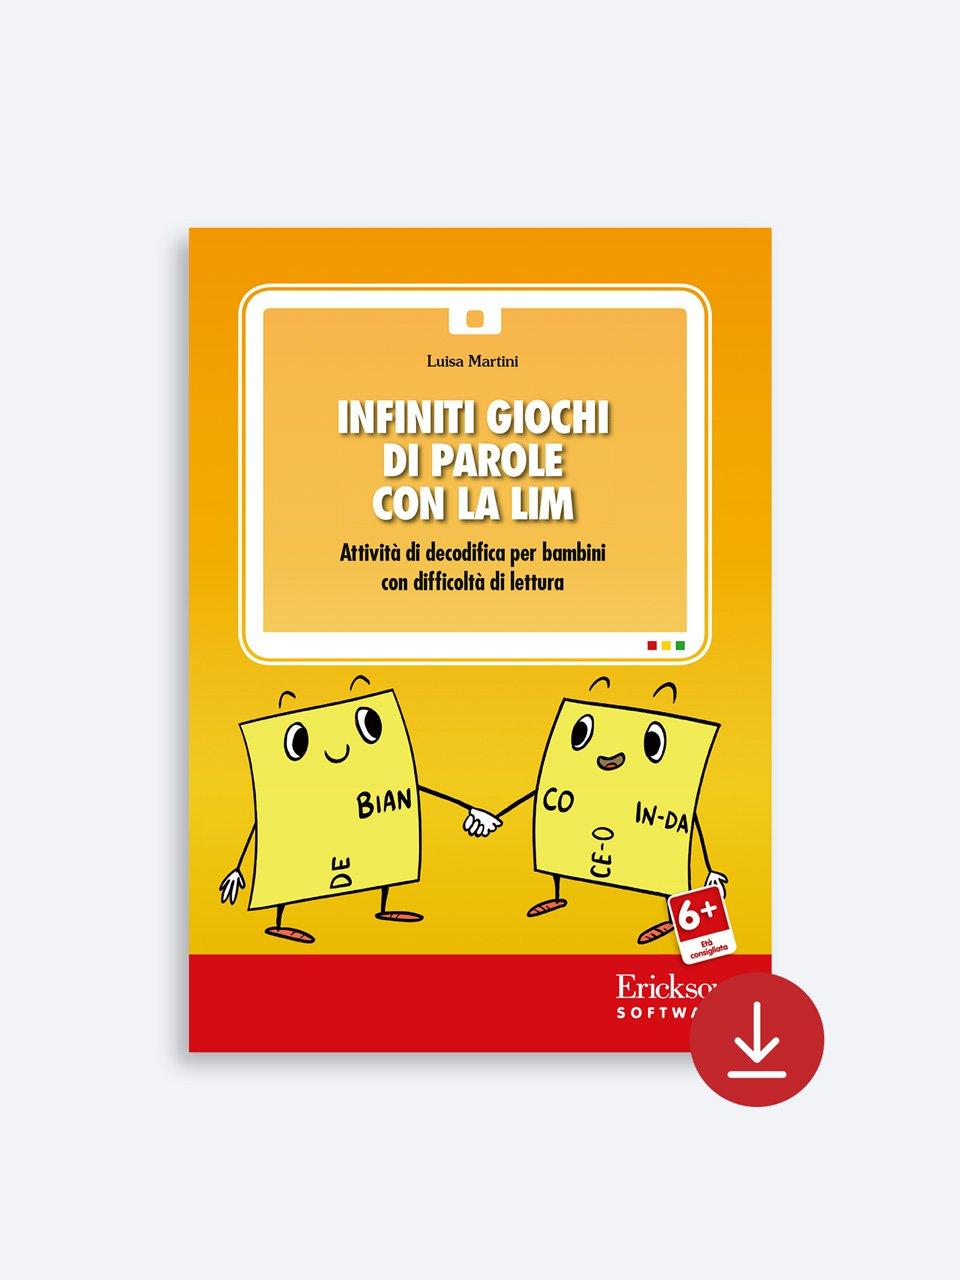 Infiniti giochi di parole - Libri - App e software - Erickson 6